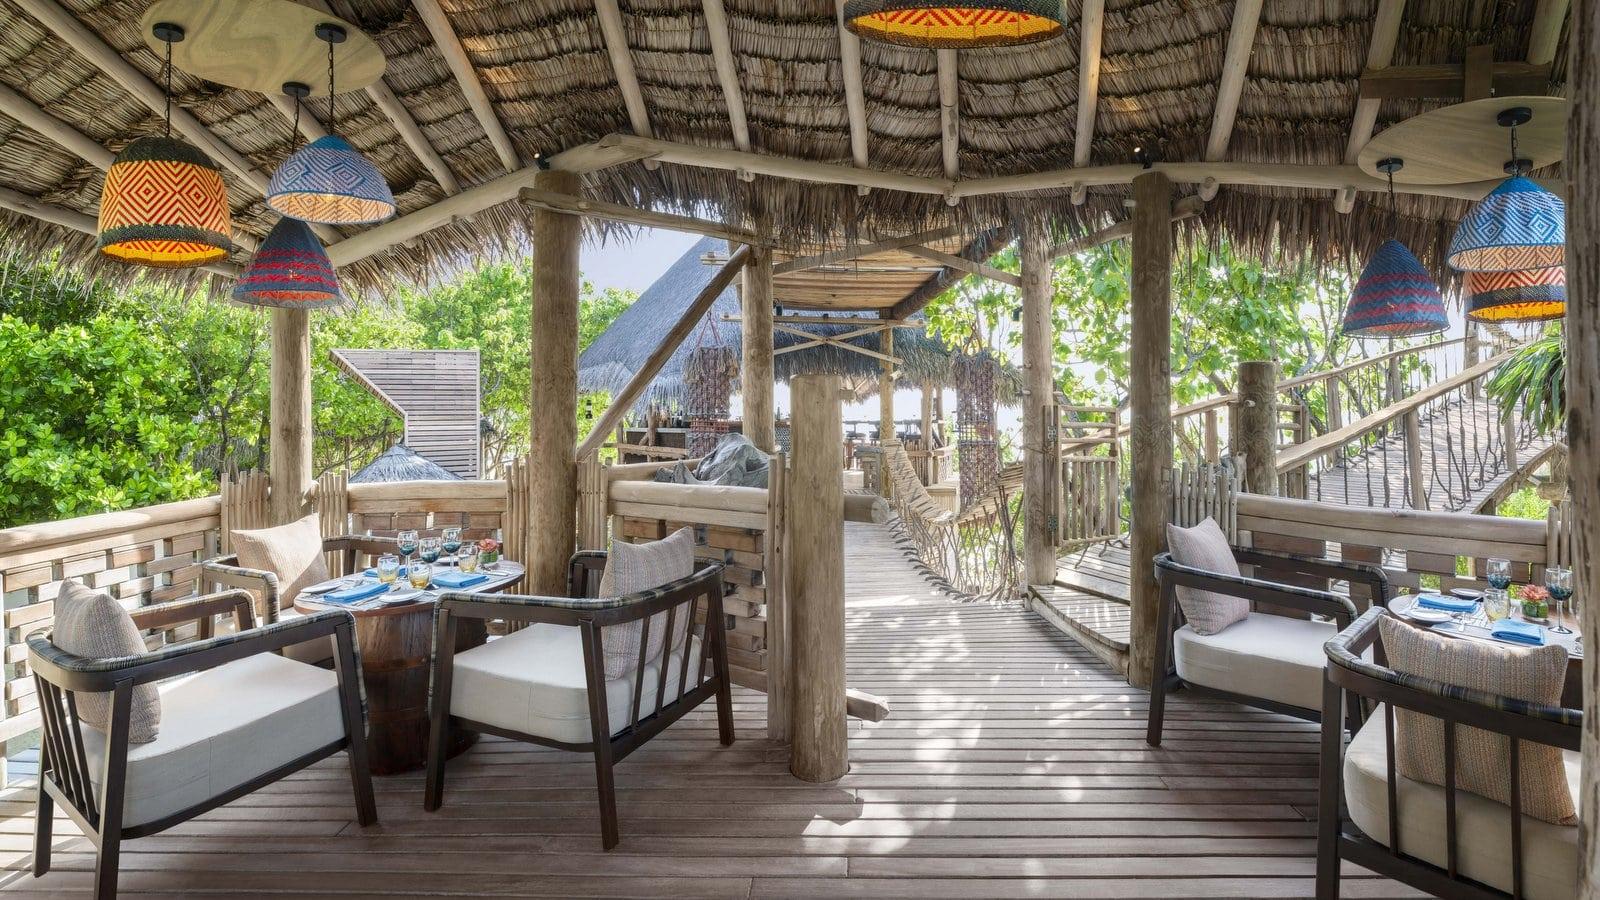 Мальдивы, отель JW Marriott Maldives Resort, ресторан Kaashi